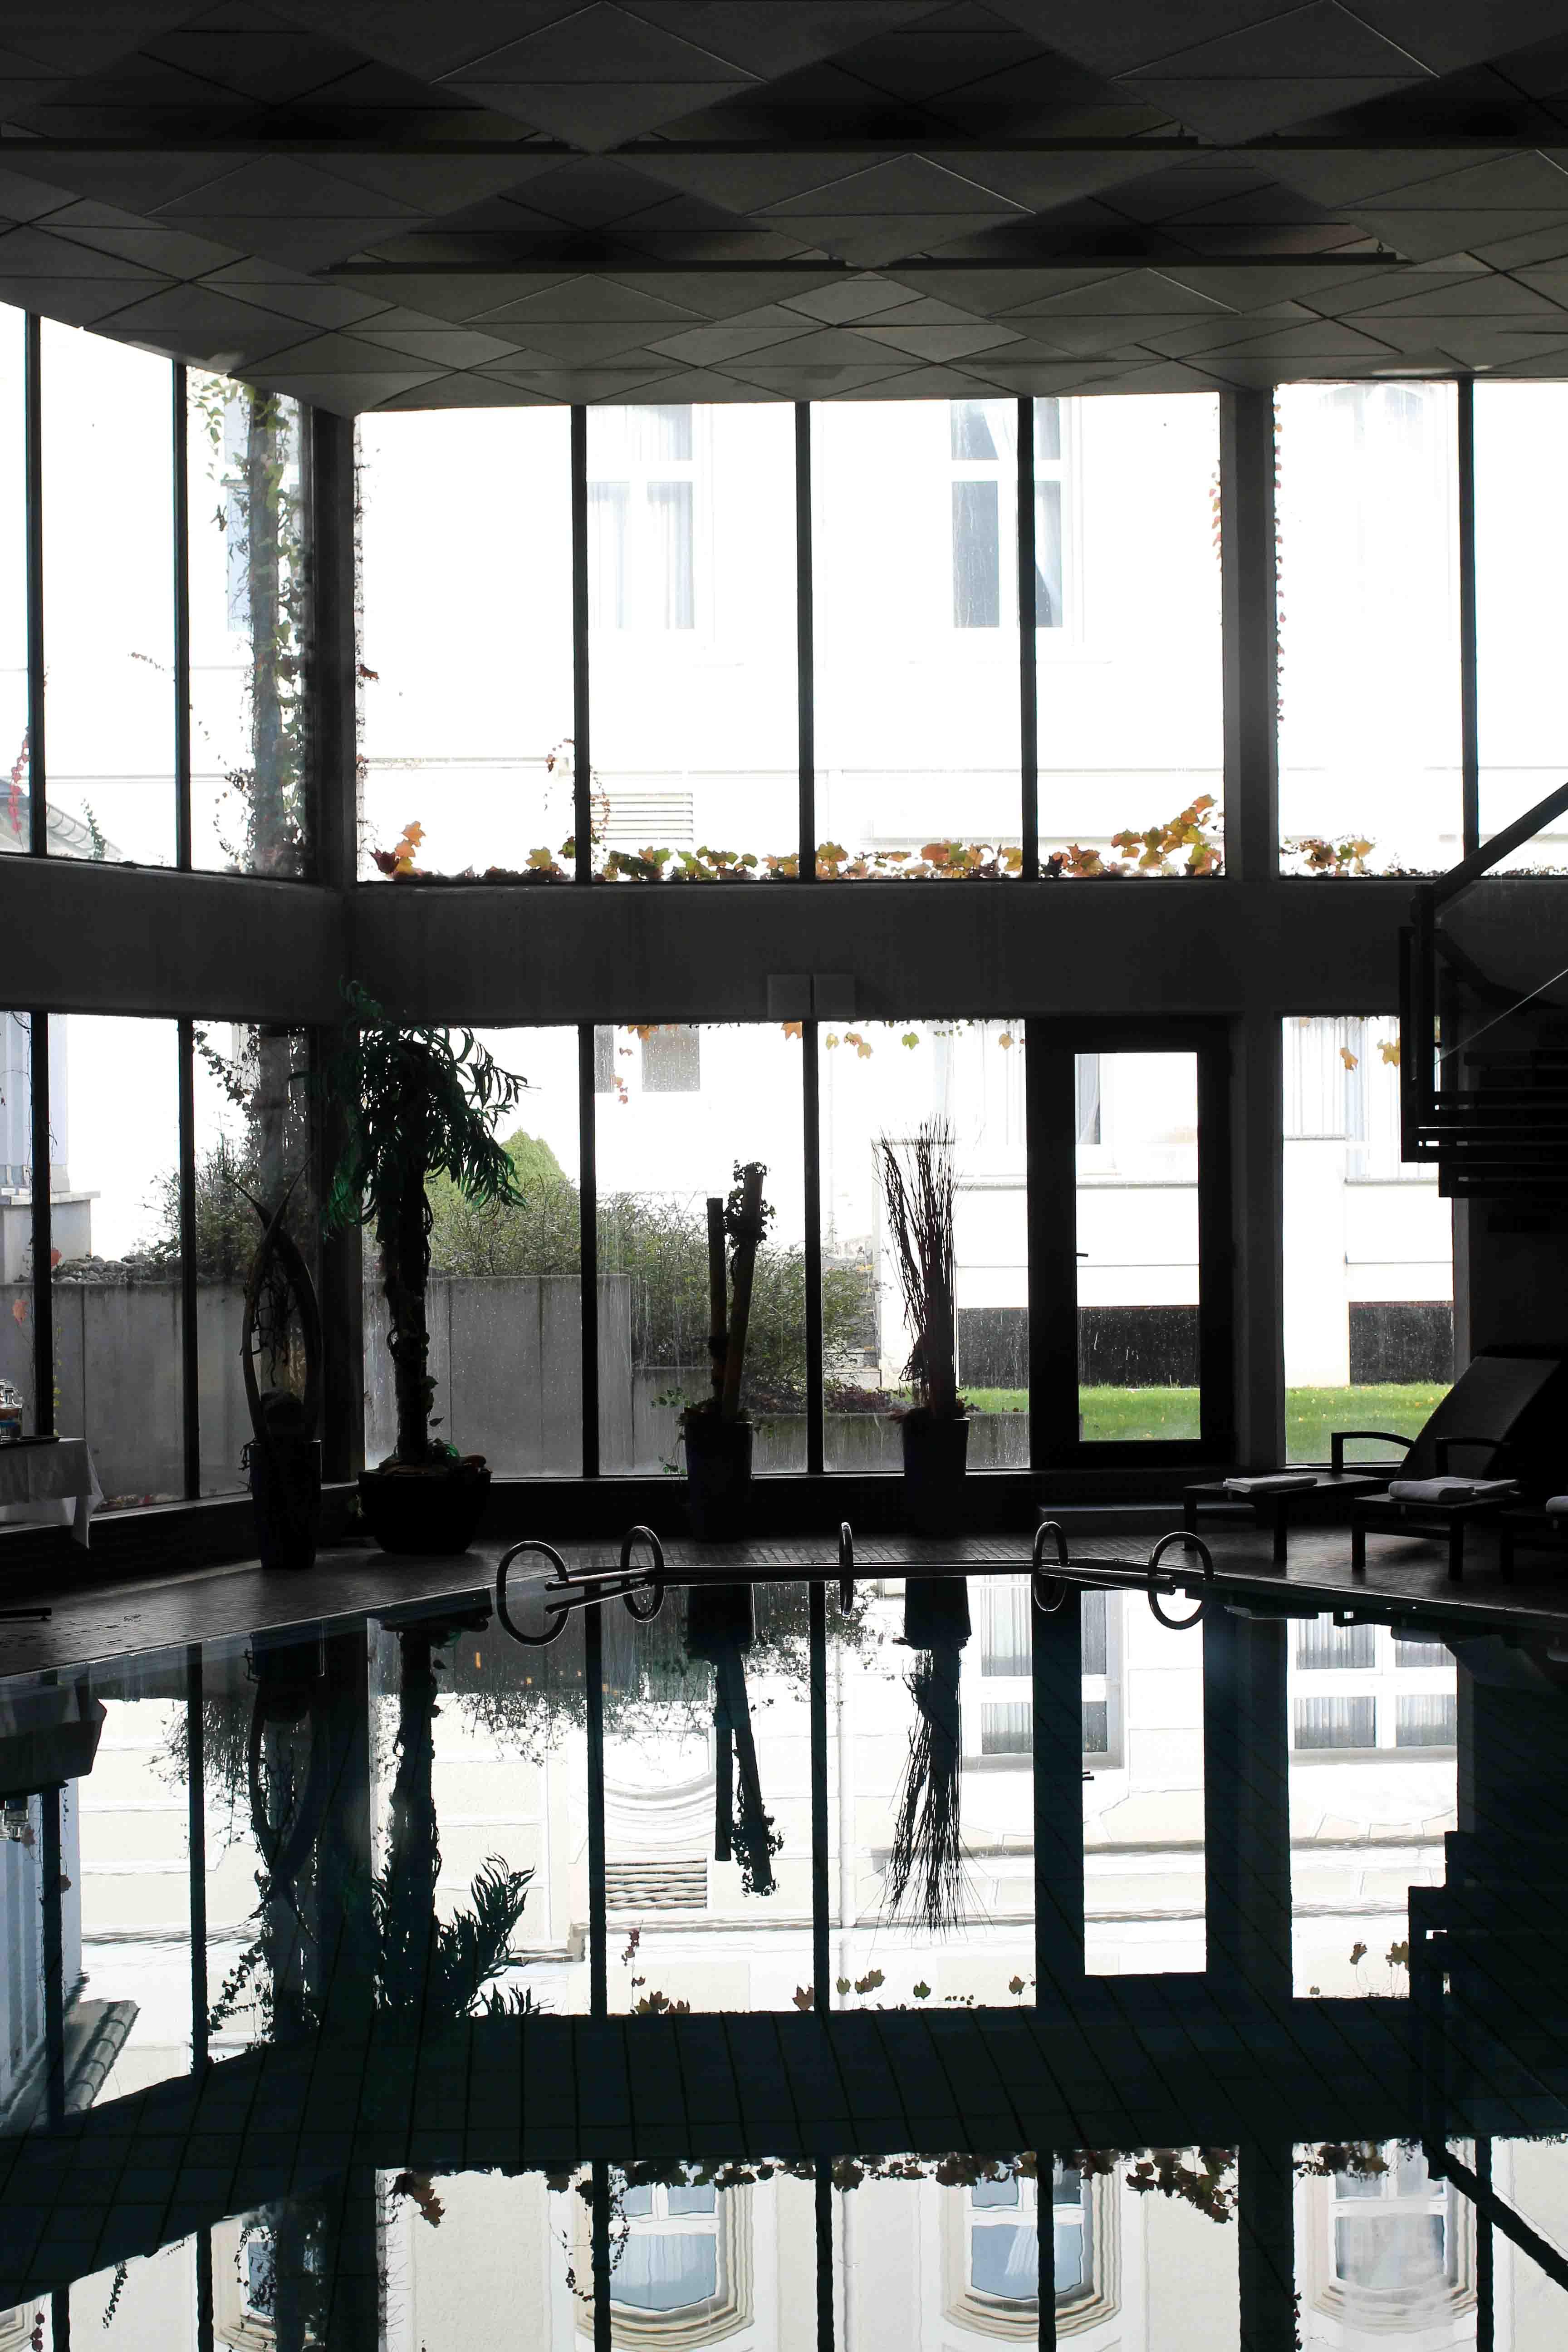 Steigenberger Hotel Bad Neuenahr #Stahr Bloggerreise Luxushotel Thermal-Hallenbad